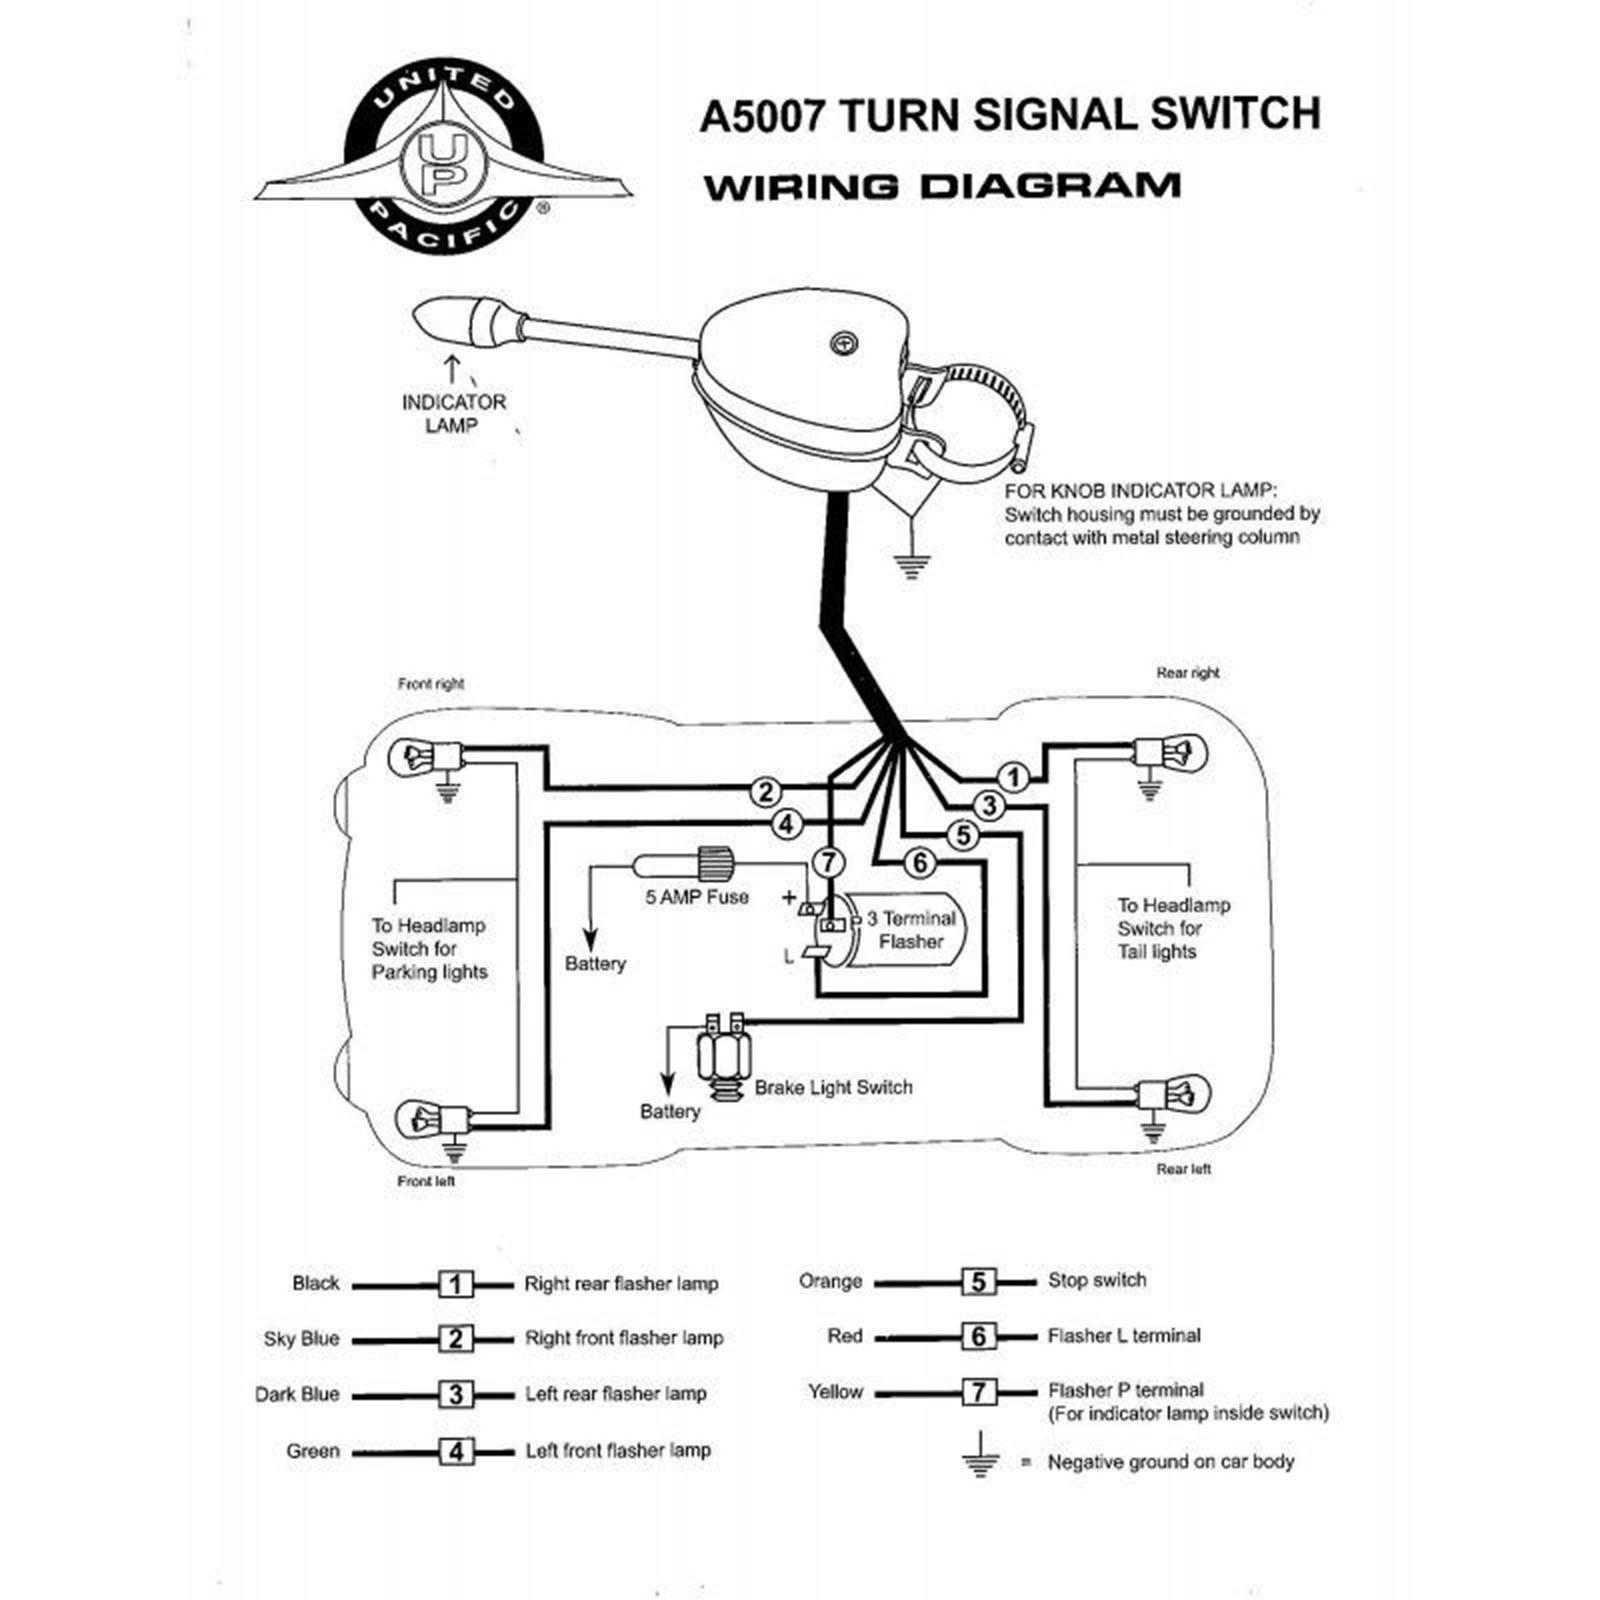 brake light wiring diagram 232d9 hot rod brake light wiring diagram wiring resources brake light wiring diagram mustang hot rod brake light wiring diagram